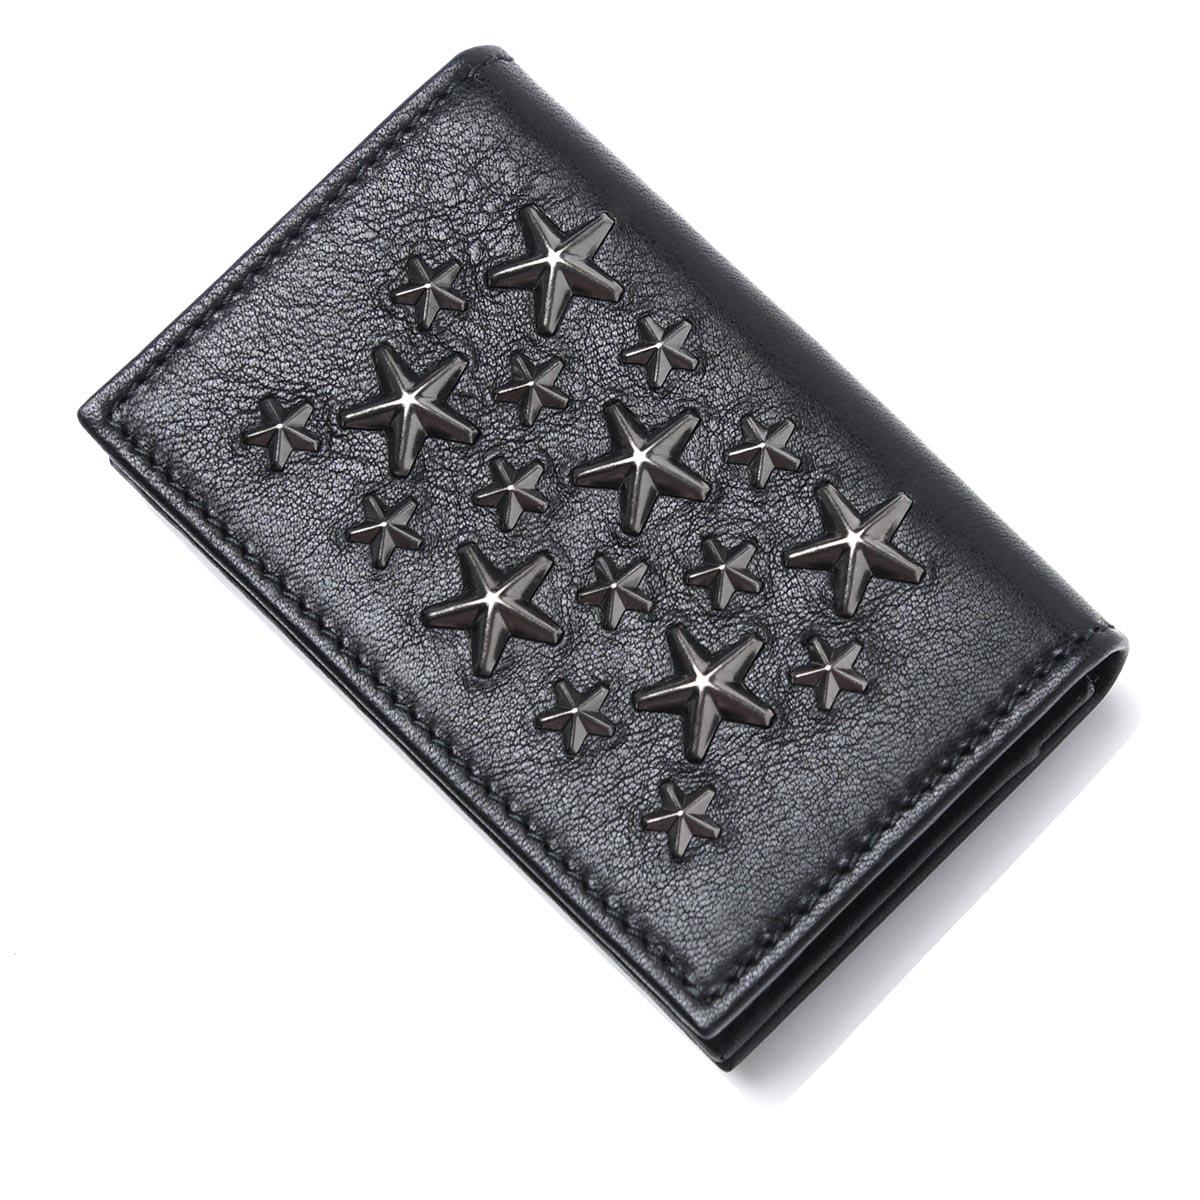 ジミーチュウ JIMMY CHOO カードケース 名刺入れ ブラック メンズ ギフト プレゼント belsize bls black gunmetal BELSIZE LEATHER【あす楽対応_関東】【返品送料無料】【ラッピング無料】